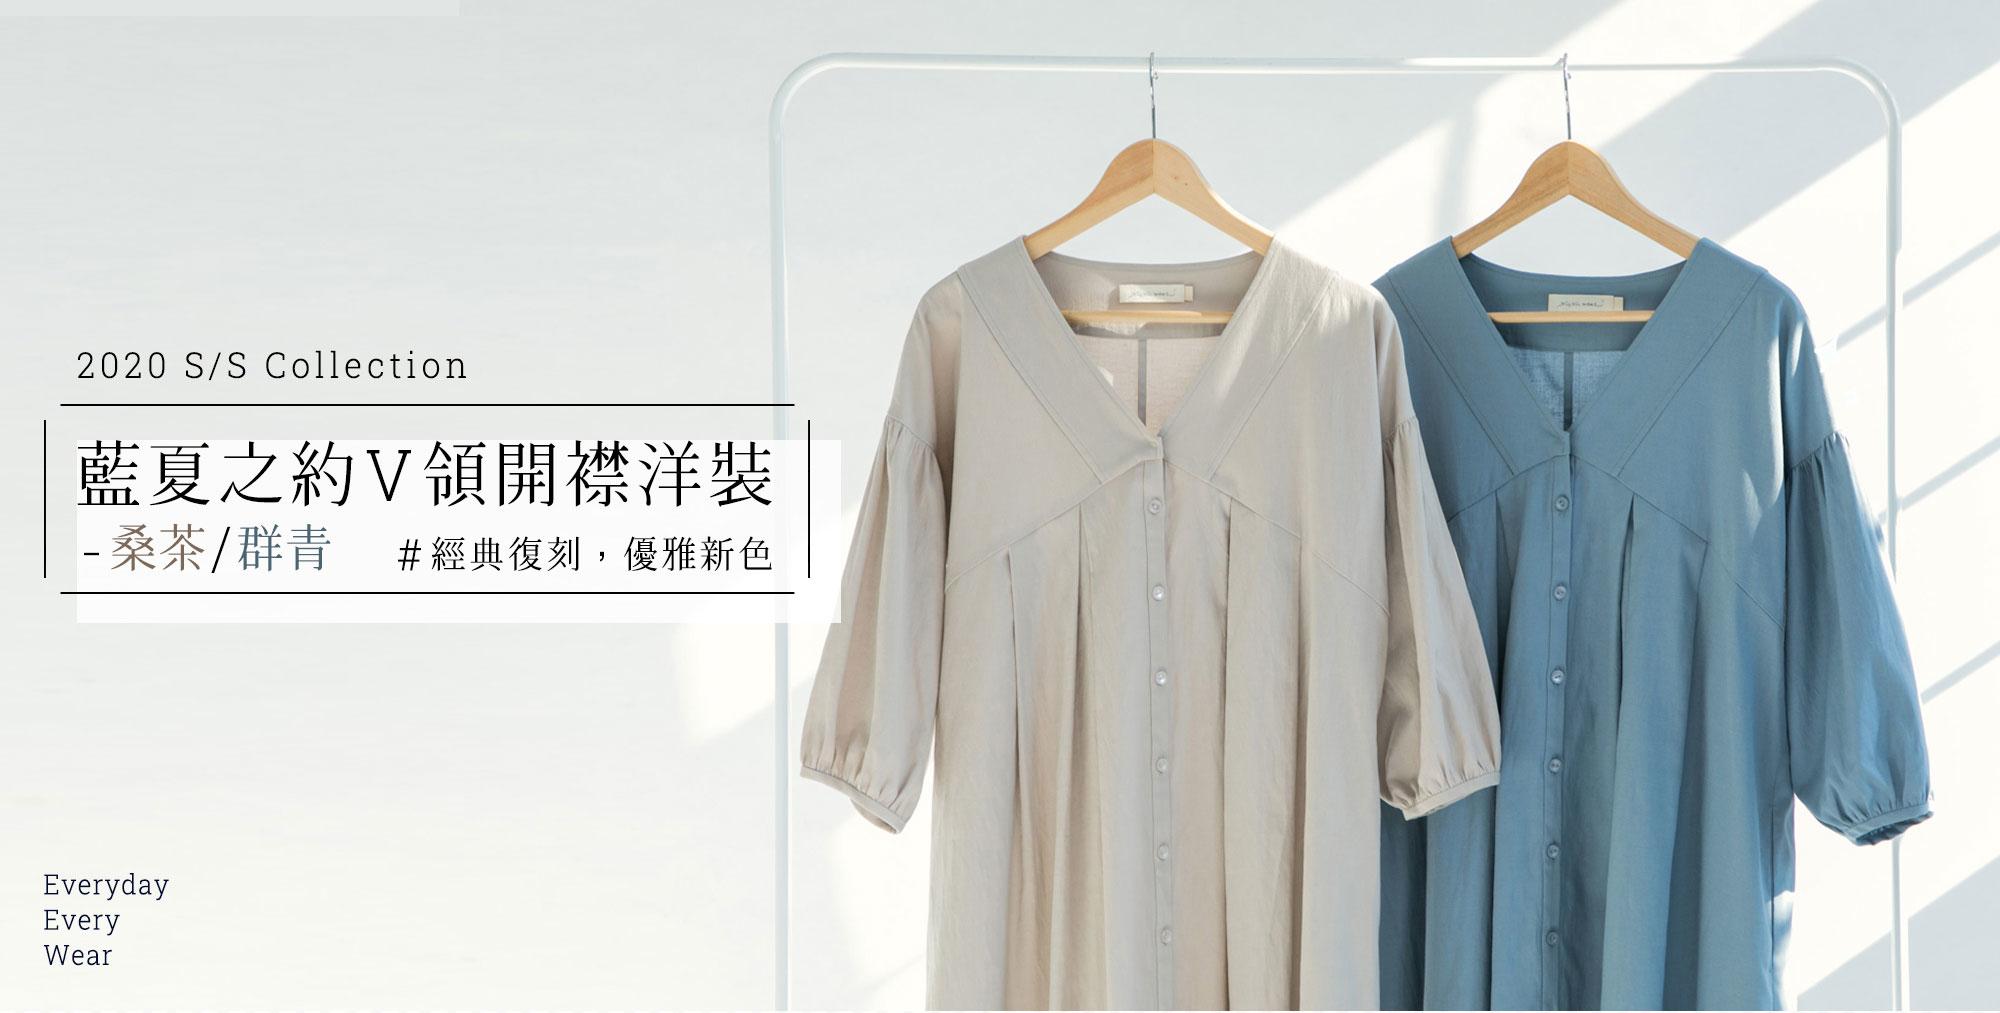 藍夏之約天絲棉V領開襟洋裝